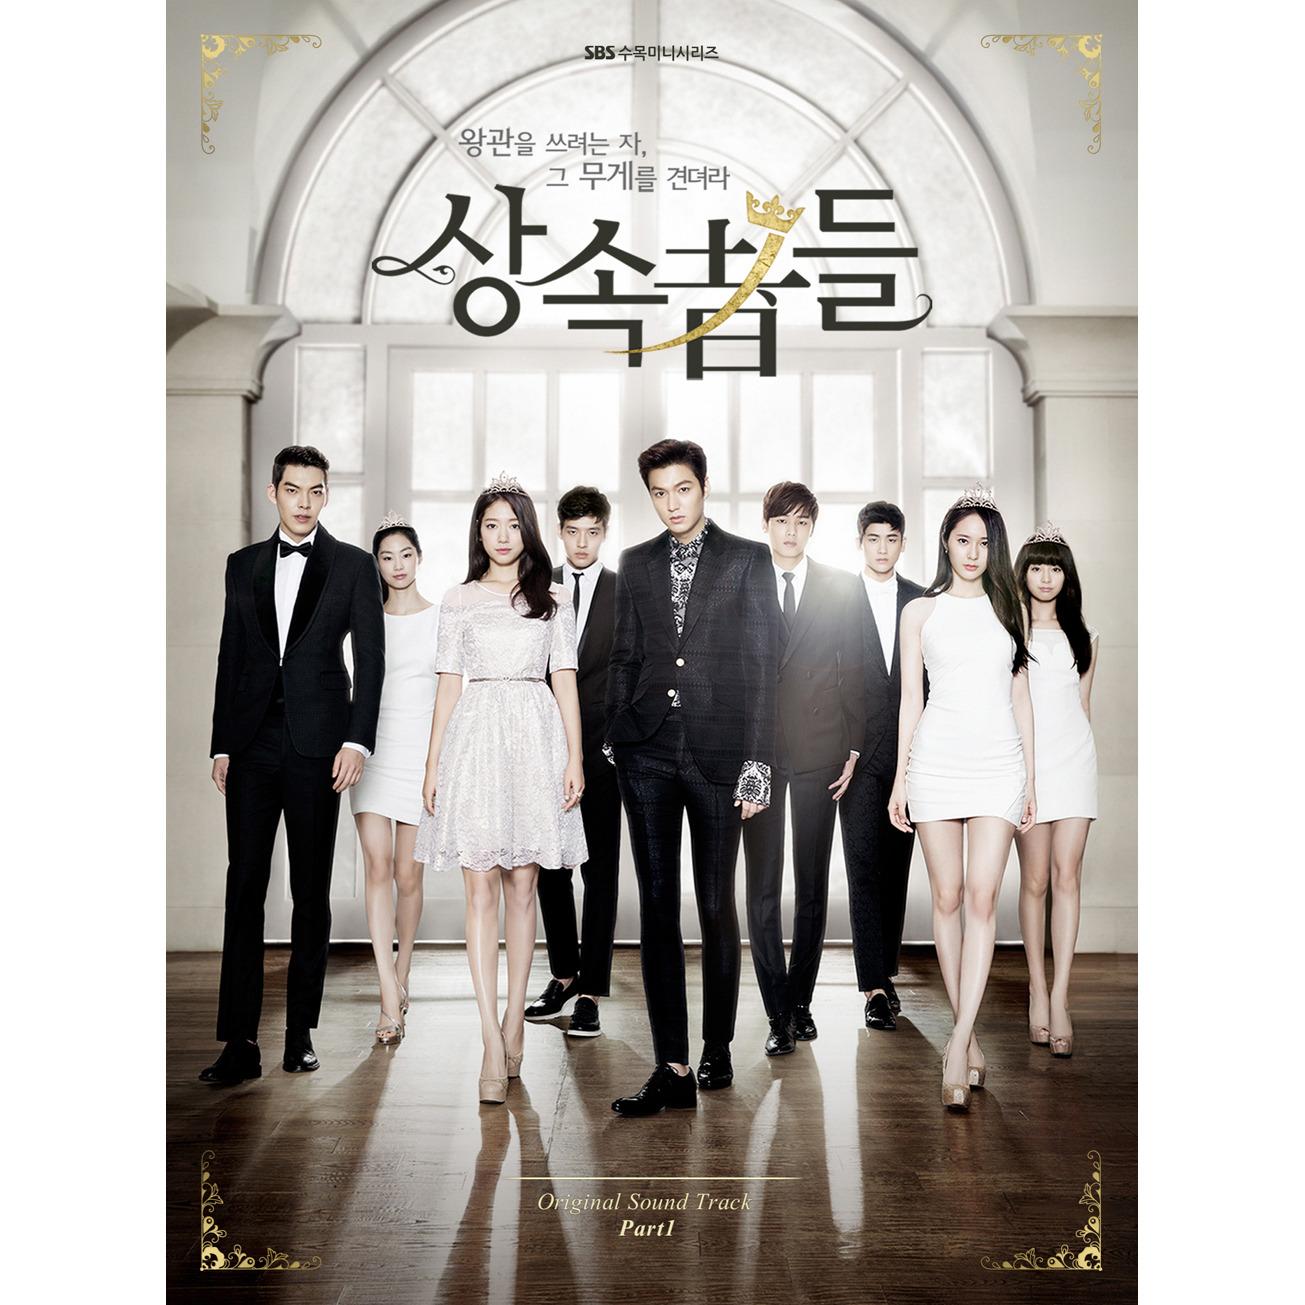 상속자들 1 (SBS 수목드라마) 앨범정보